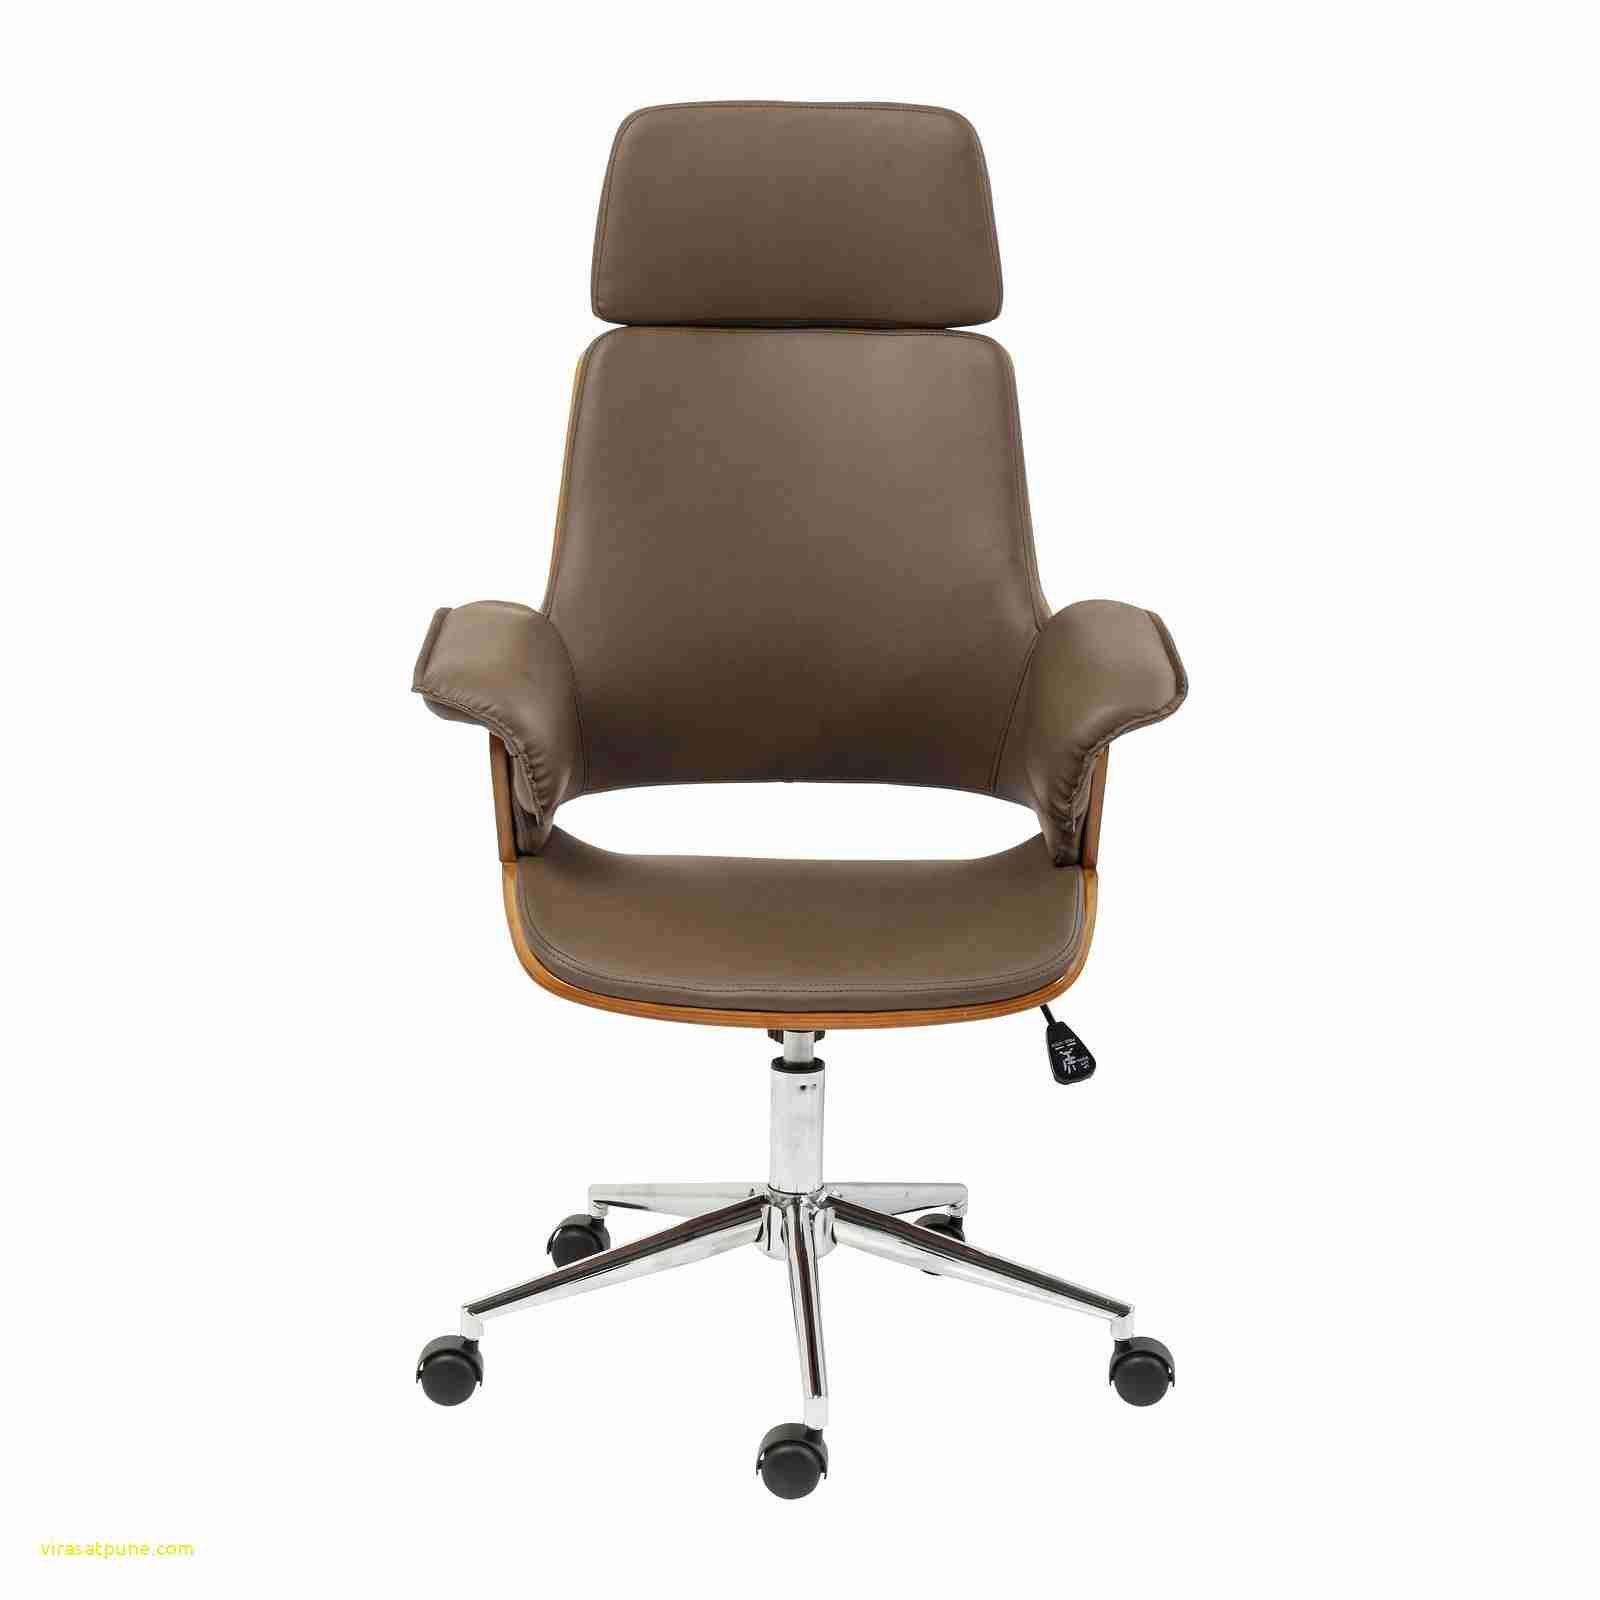 Cdiscount Chaise De Bureau But Bureau Informatique Awesome Cdiscount With Chaise Pour Bureau Home Decor Furniture Chair